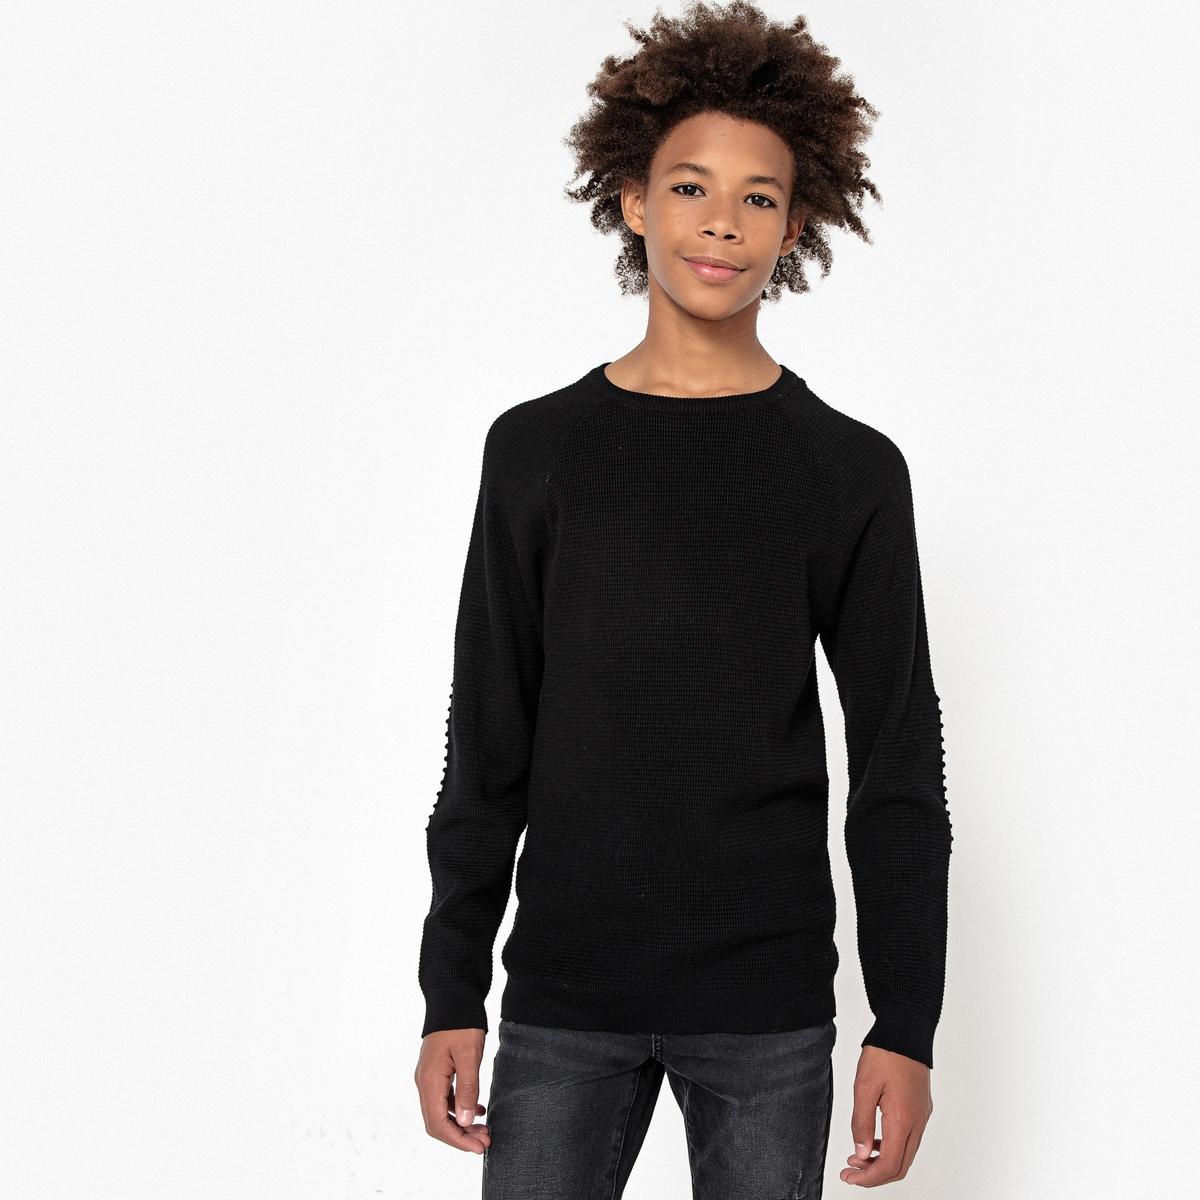 Пуловер La Redoute С круглым вырезом 10 лет - 138 см черный